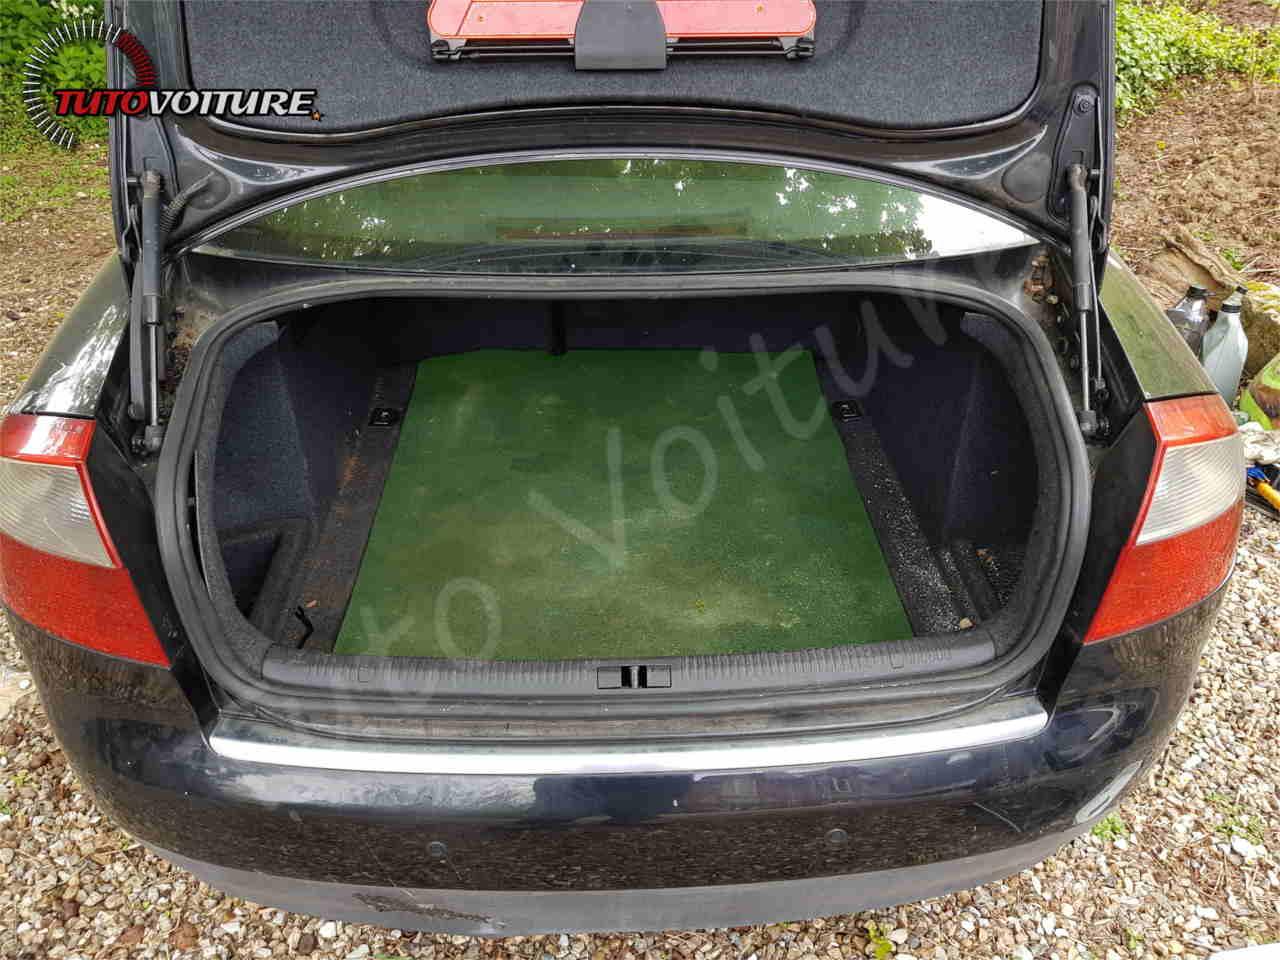 Démontage du pare-chocs arrière Audi A4 B6